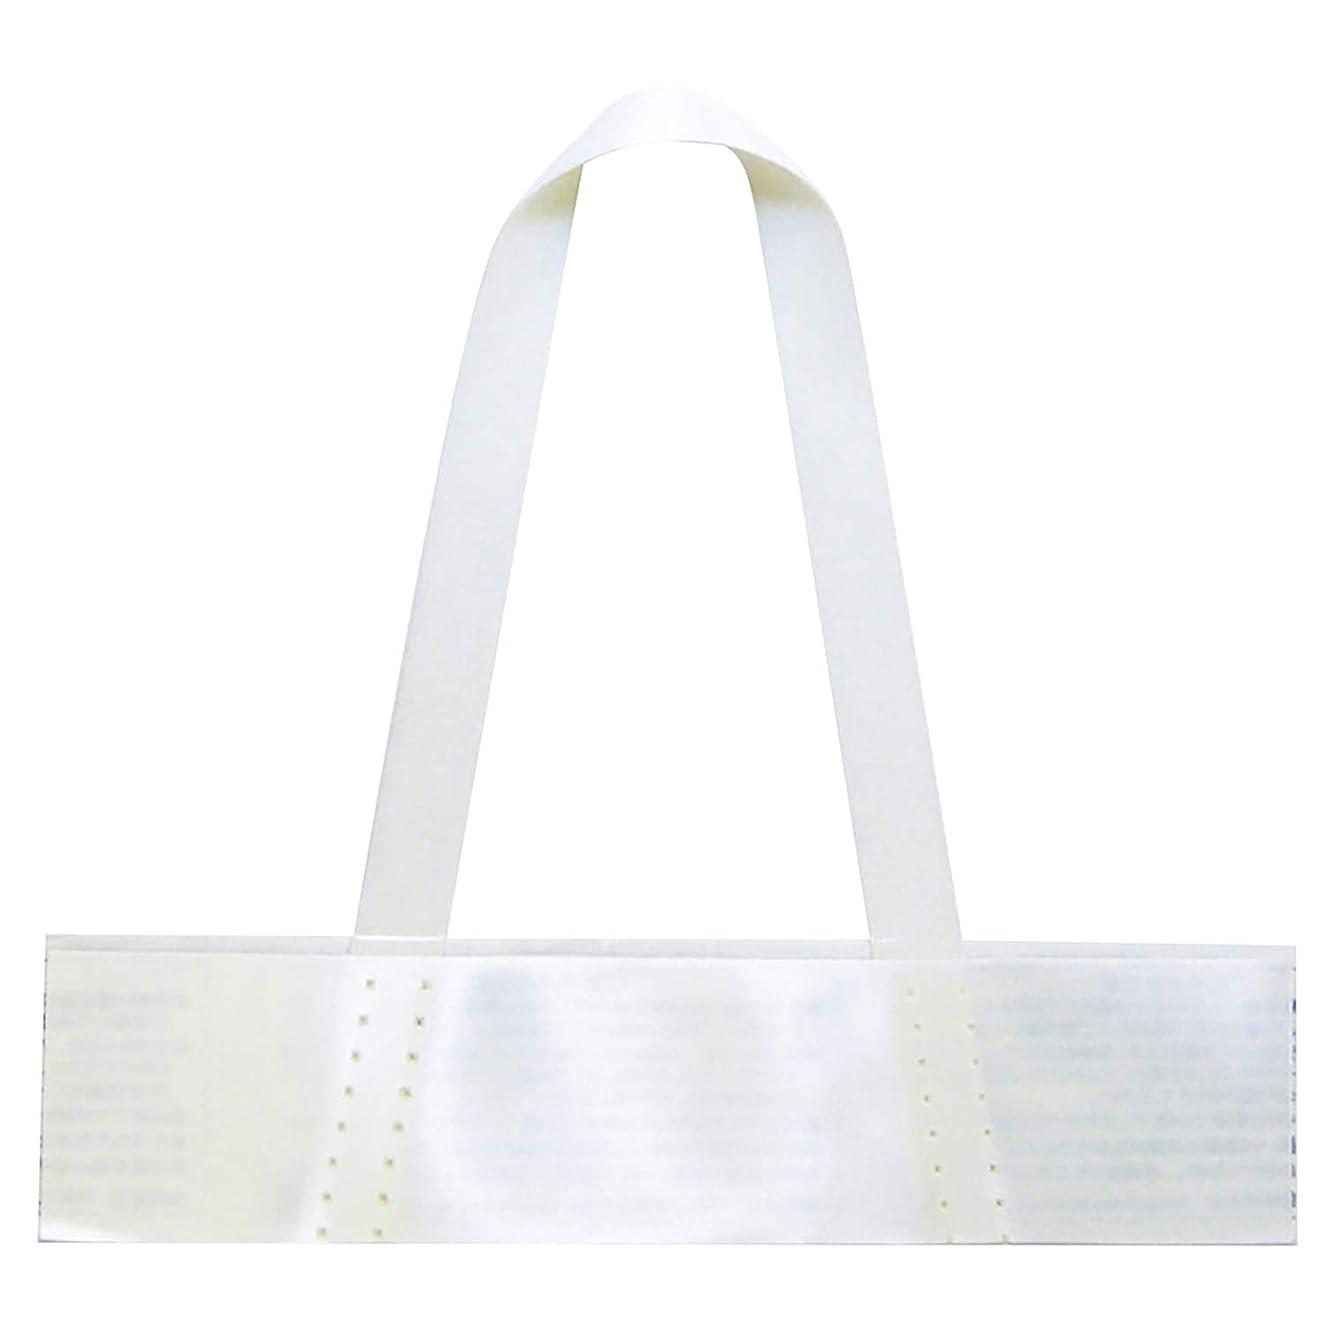 経験観点パンヘイコー 透明 OPP袋 クリスタルパック A5 100枚 S-A5